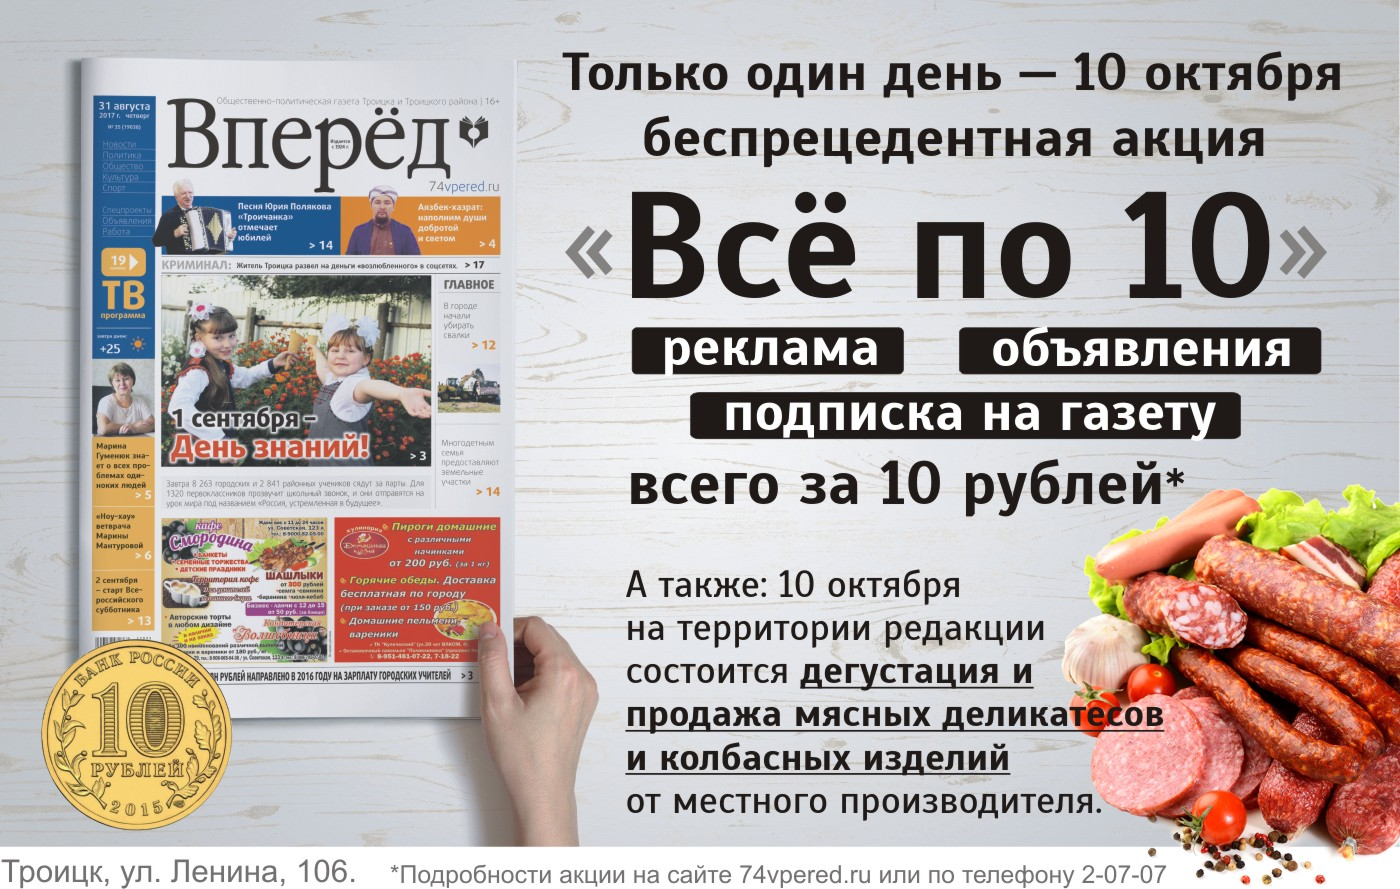 кисмерешкин в г реклама в продвижении российских товаров